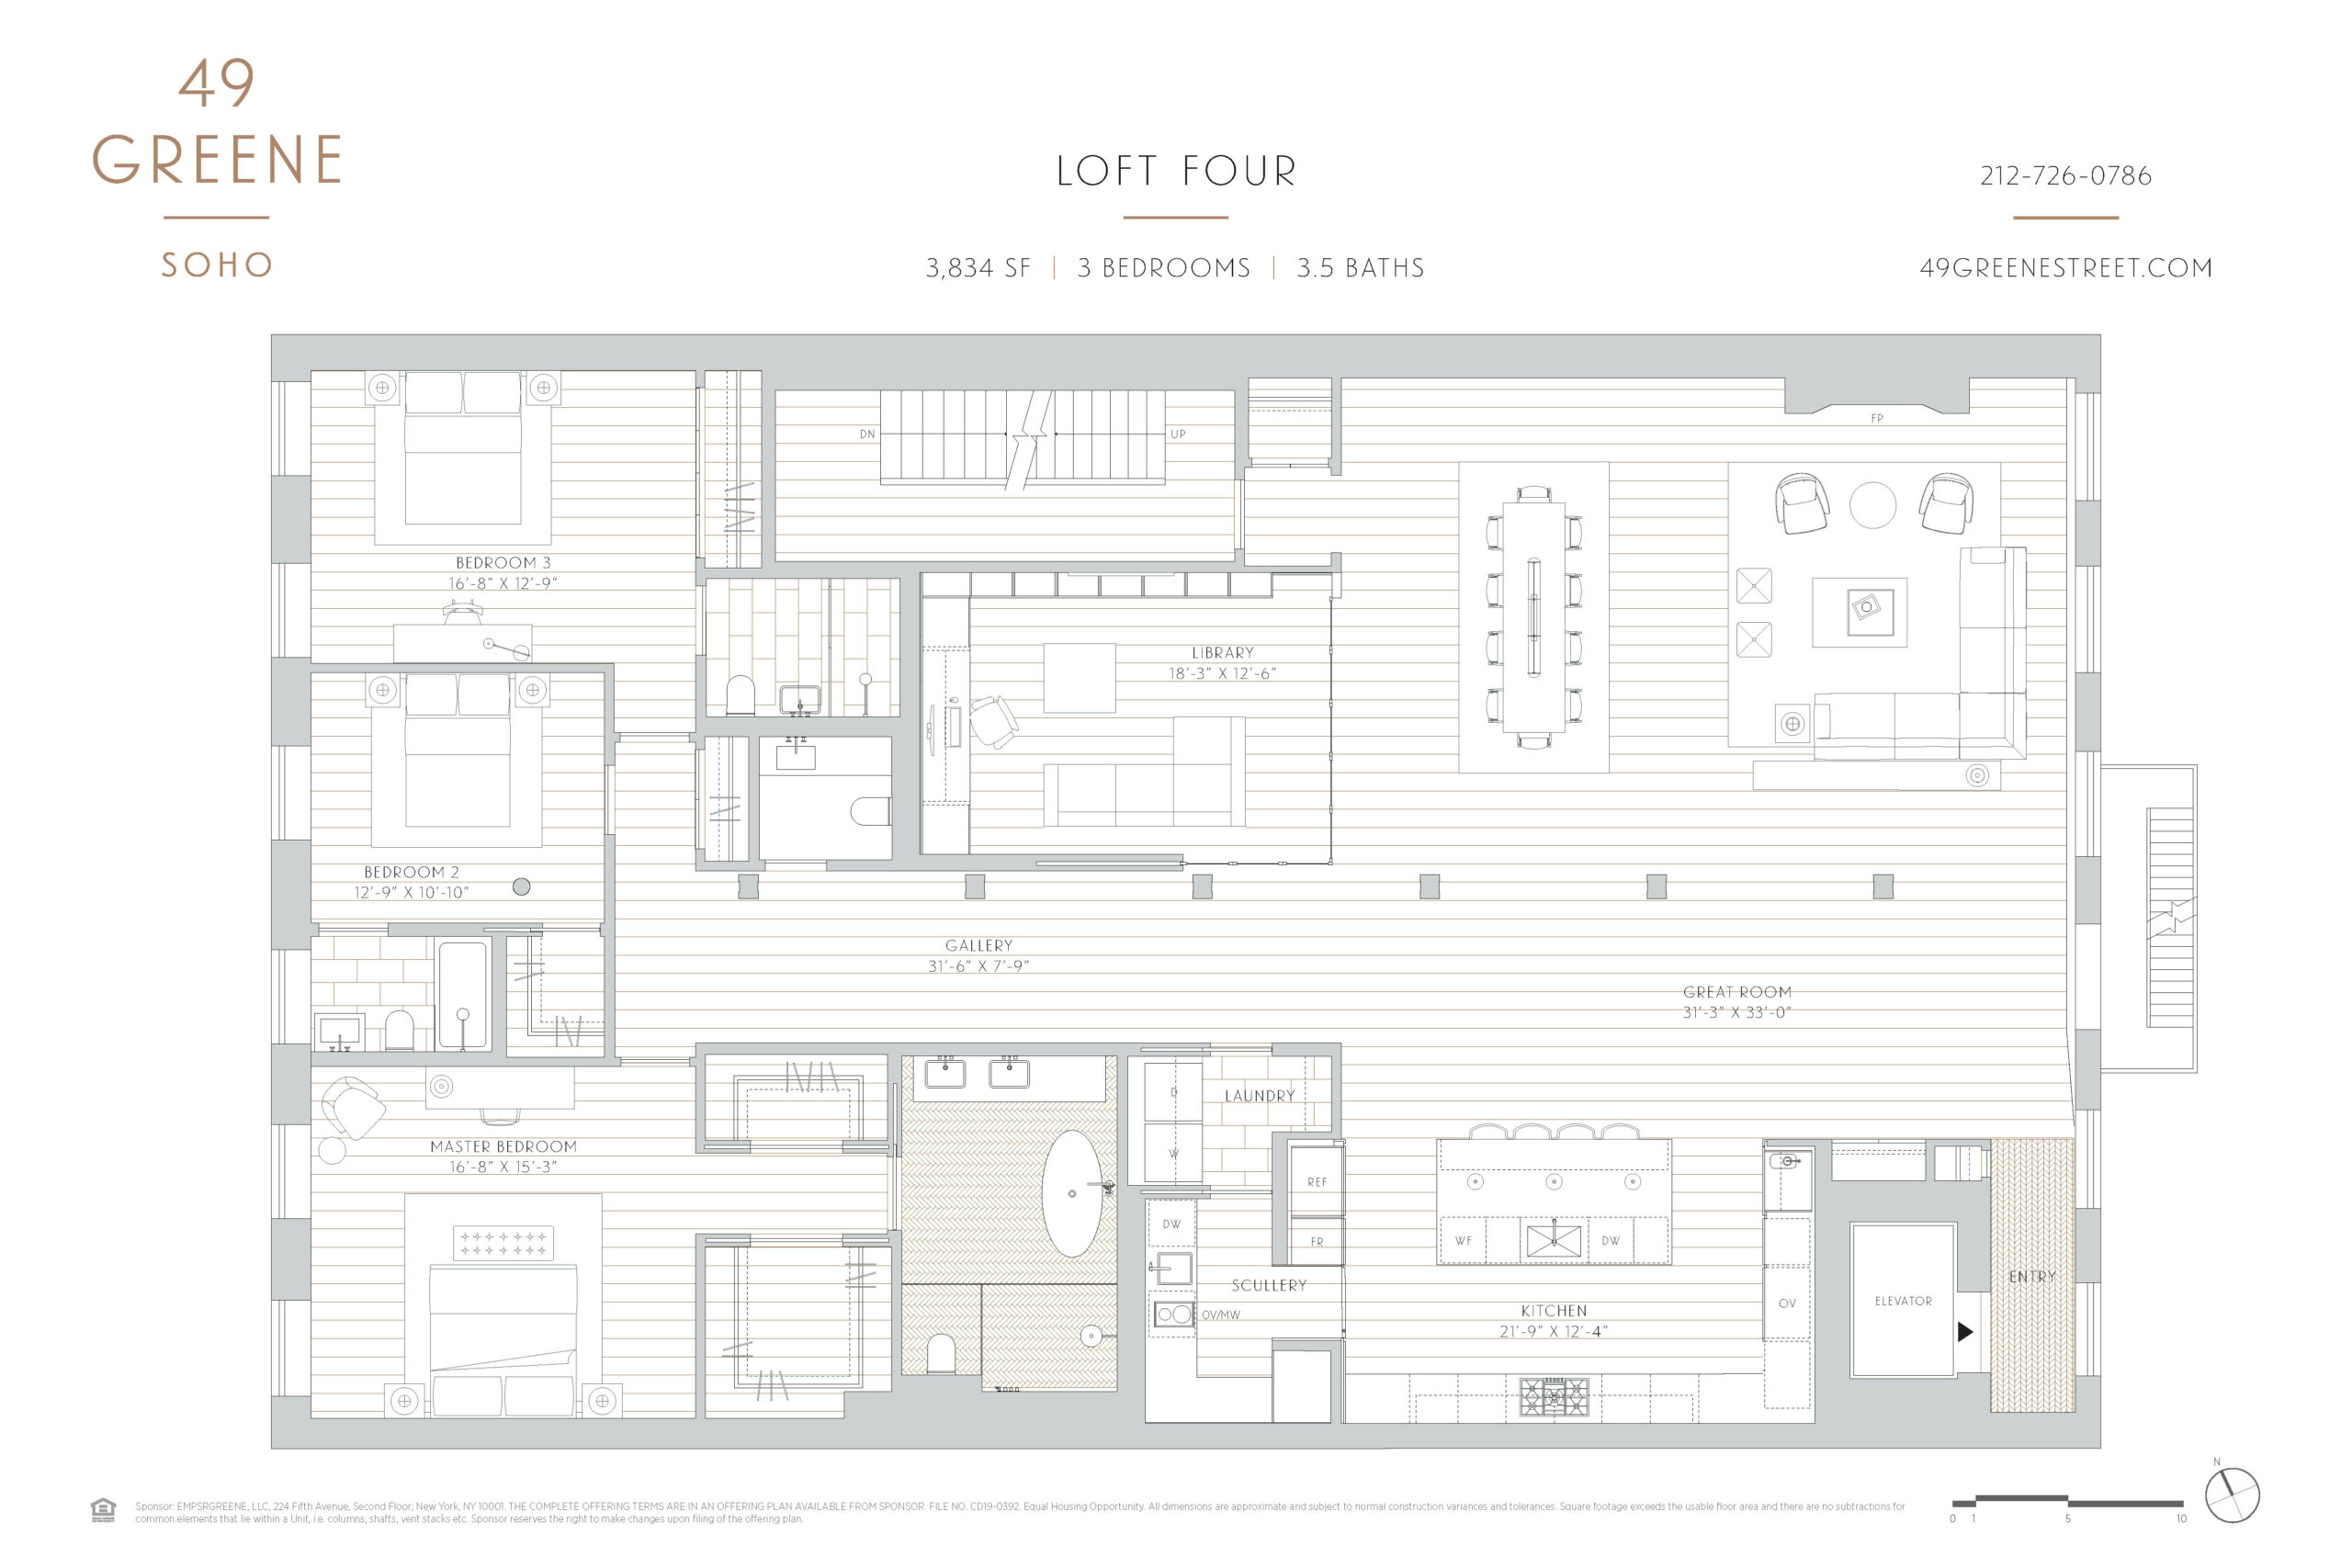 49 Greene St. Loft 4, New York, NY 10013